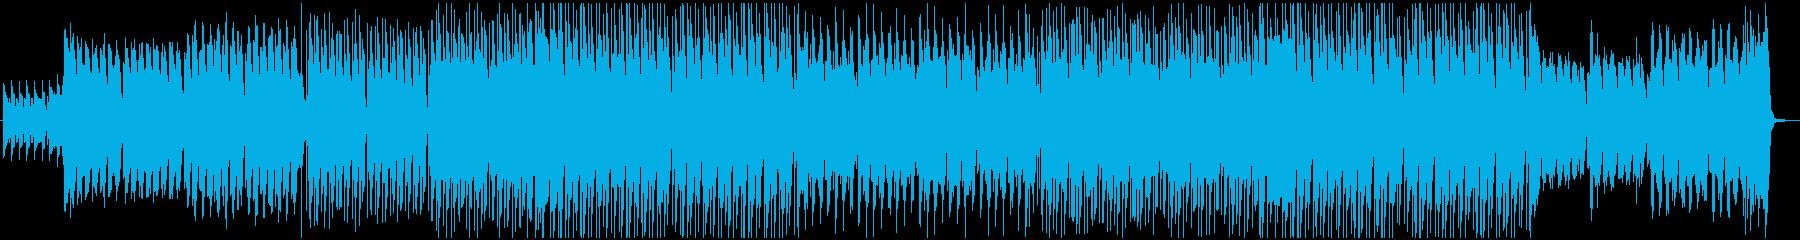 ケルト民族風EDMの再生済みの波形